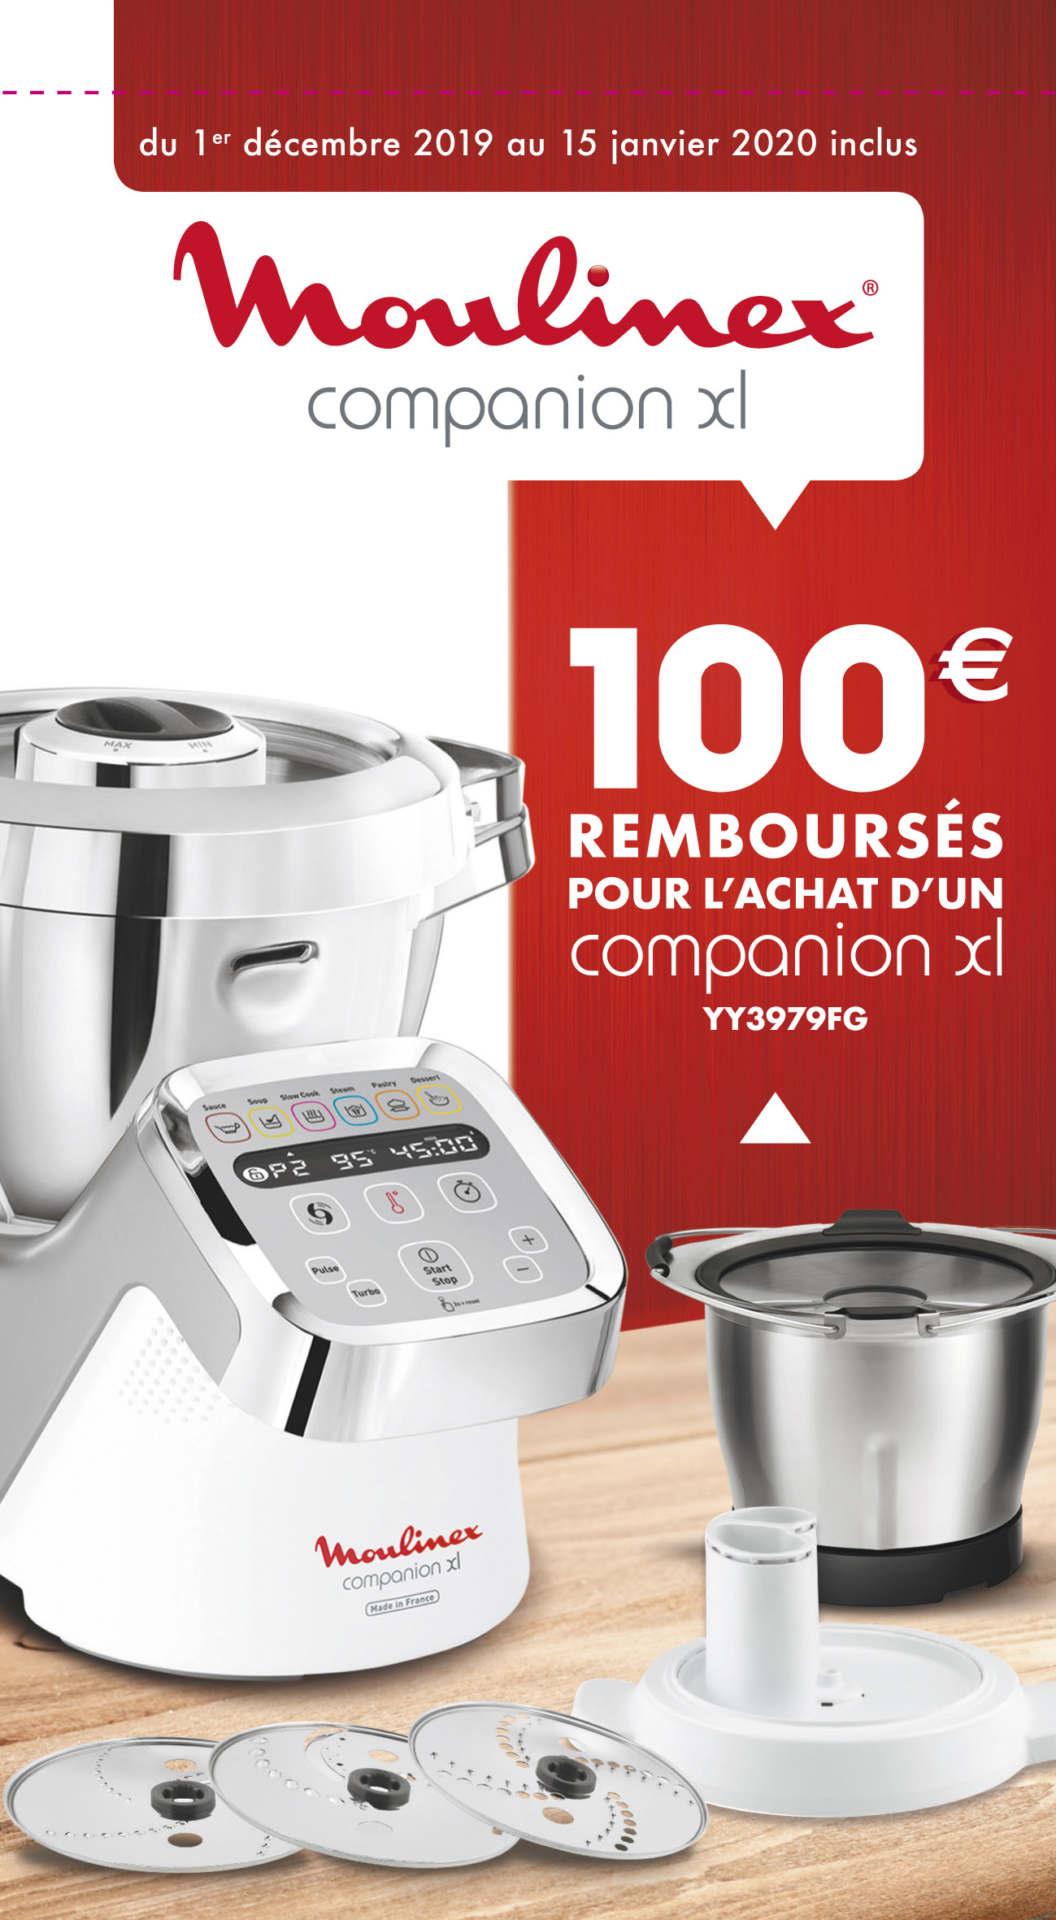 3275_MOULINEX_ODR_100_euros_COMPANION_XL_110x200_V2-1